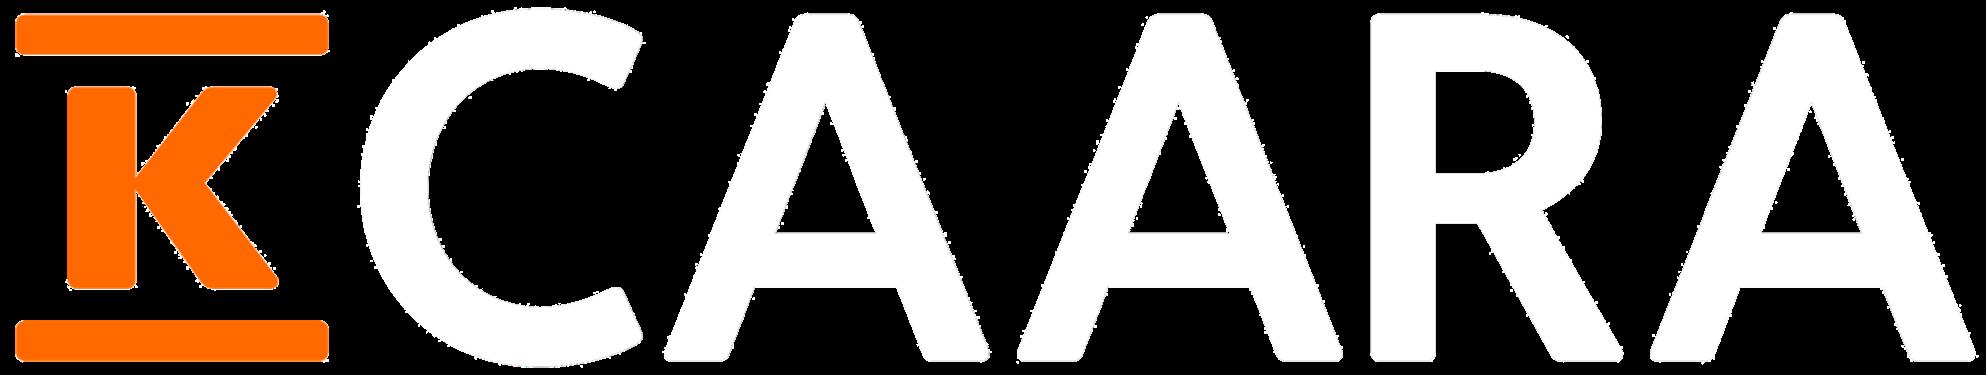 k-caaran logo